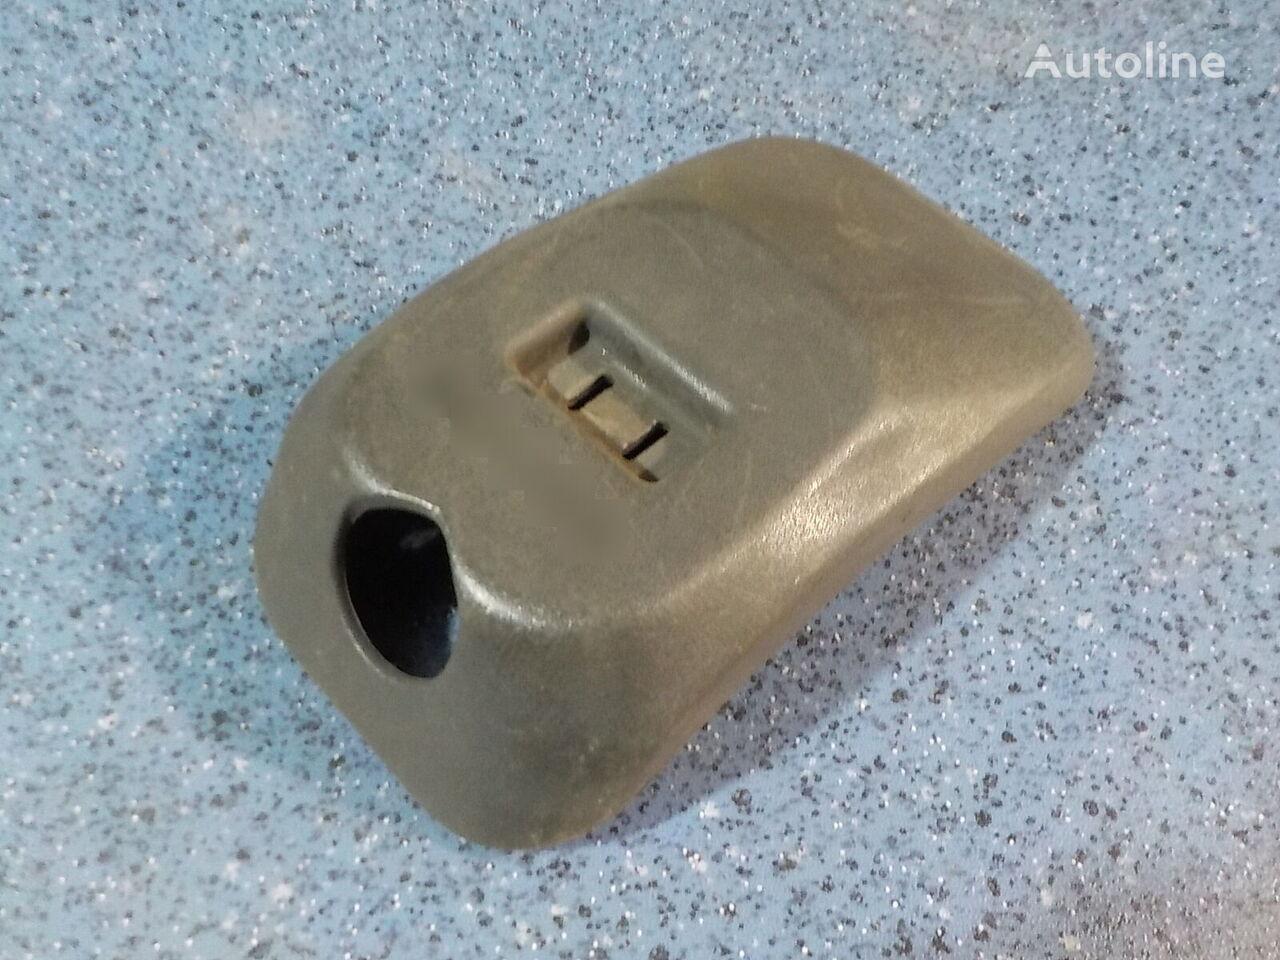 крепежные элементы Крышка крепления хомута топливного бака для грузовика